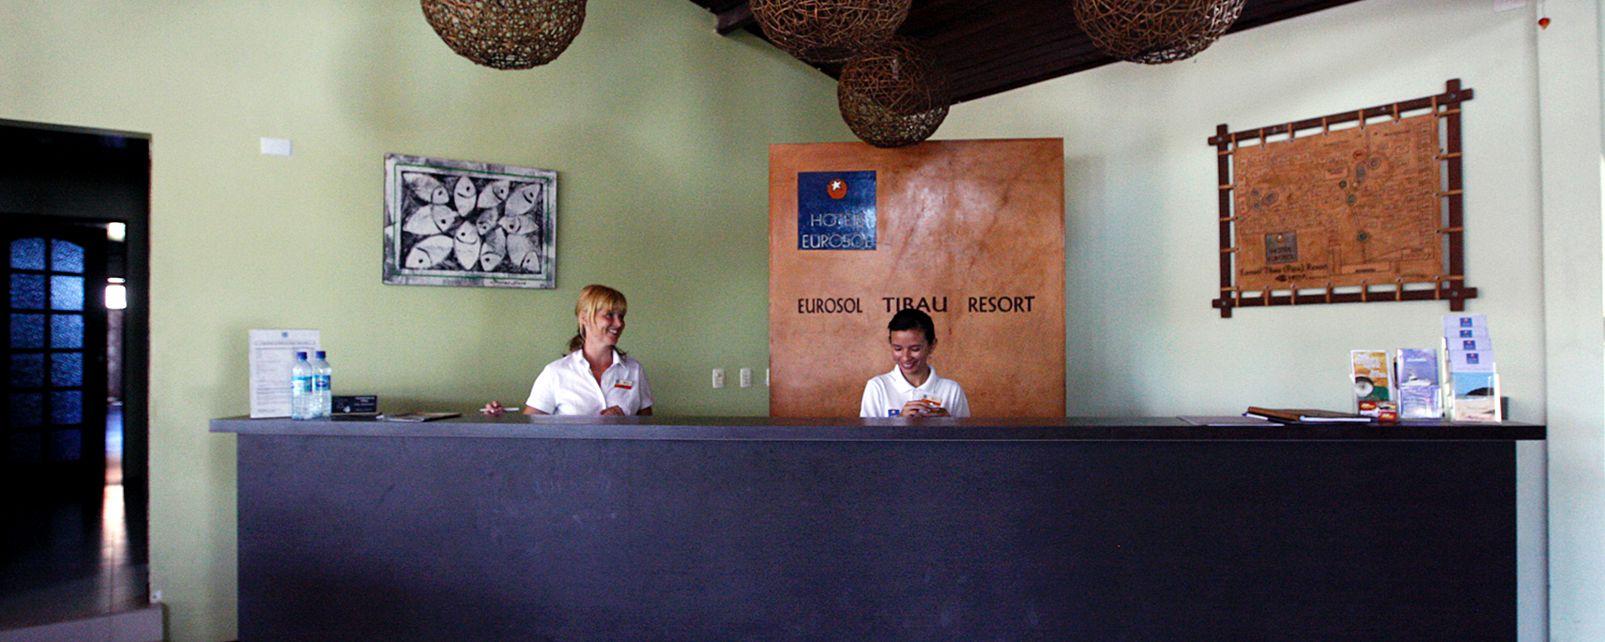 Hotel Eurosol Tibau